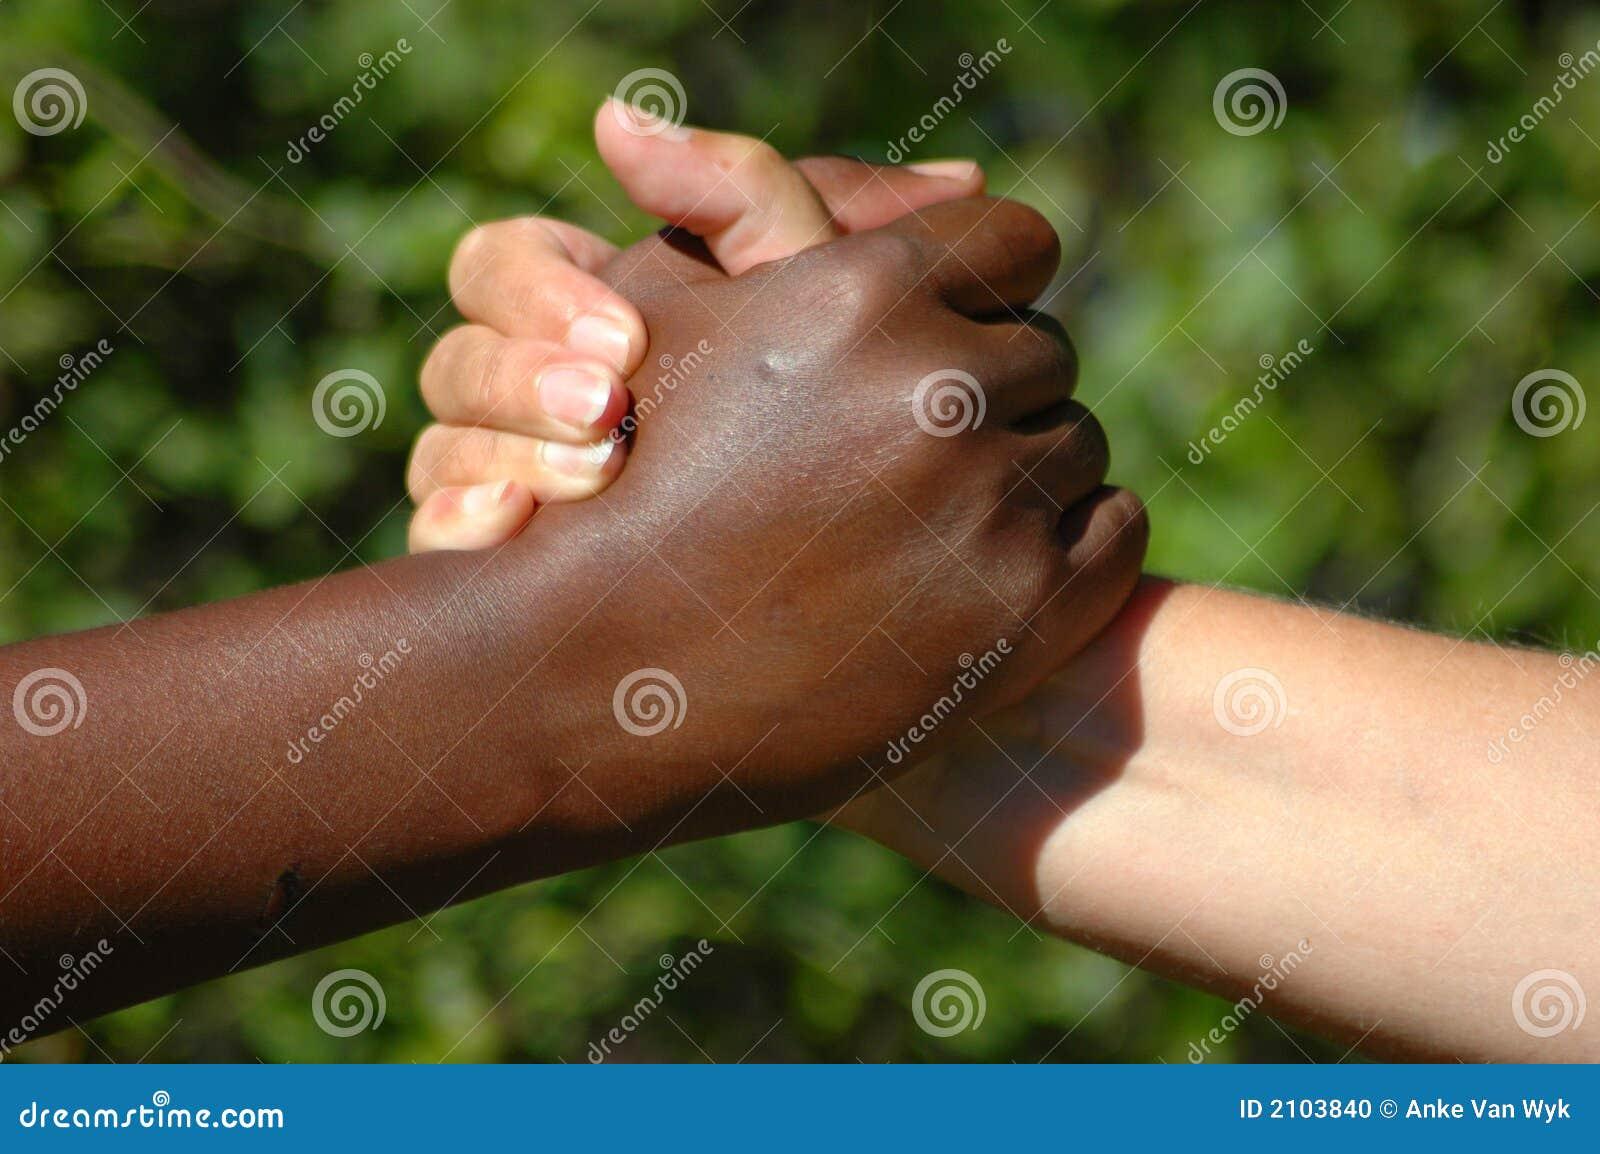 Doskonały zespół ręce